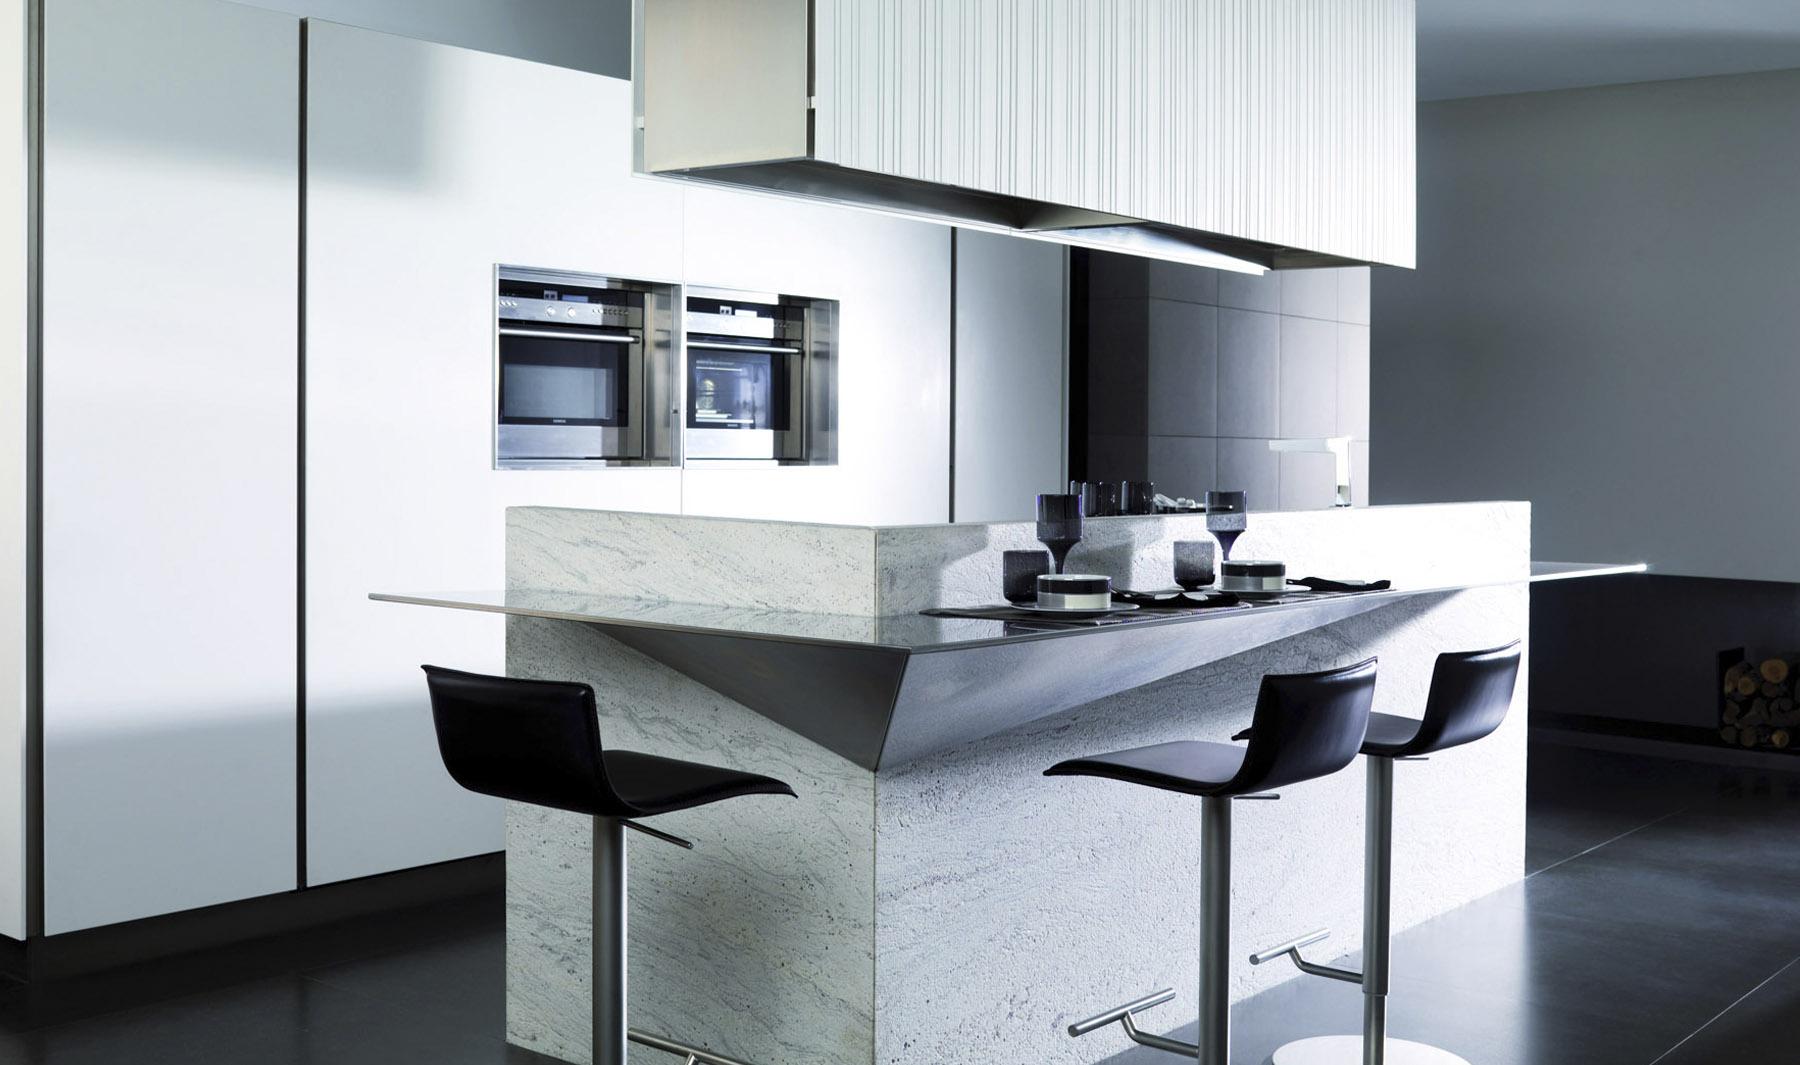 Cocinas integrales modernas para espacios peque os - Cocinas modernas pequenas para apartamentos ...